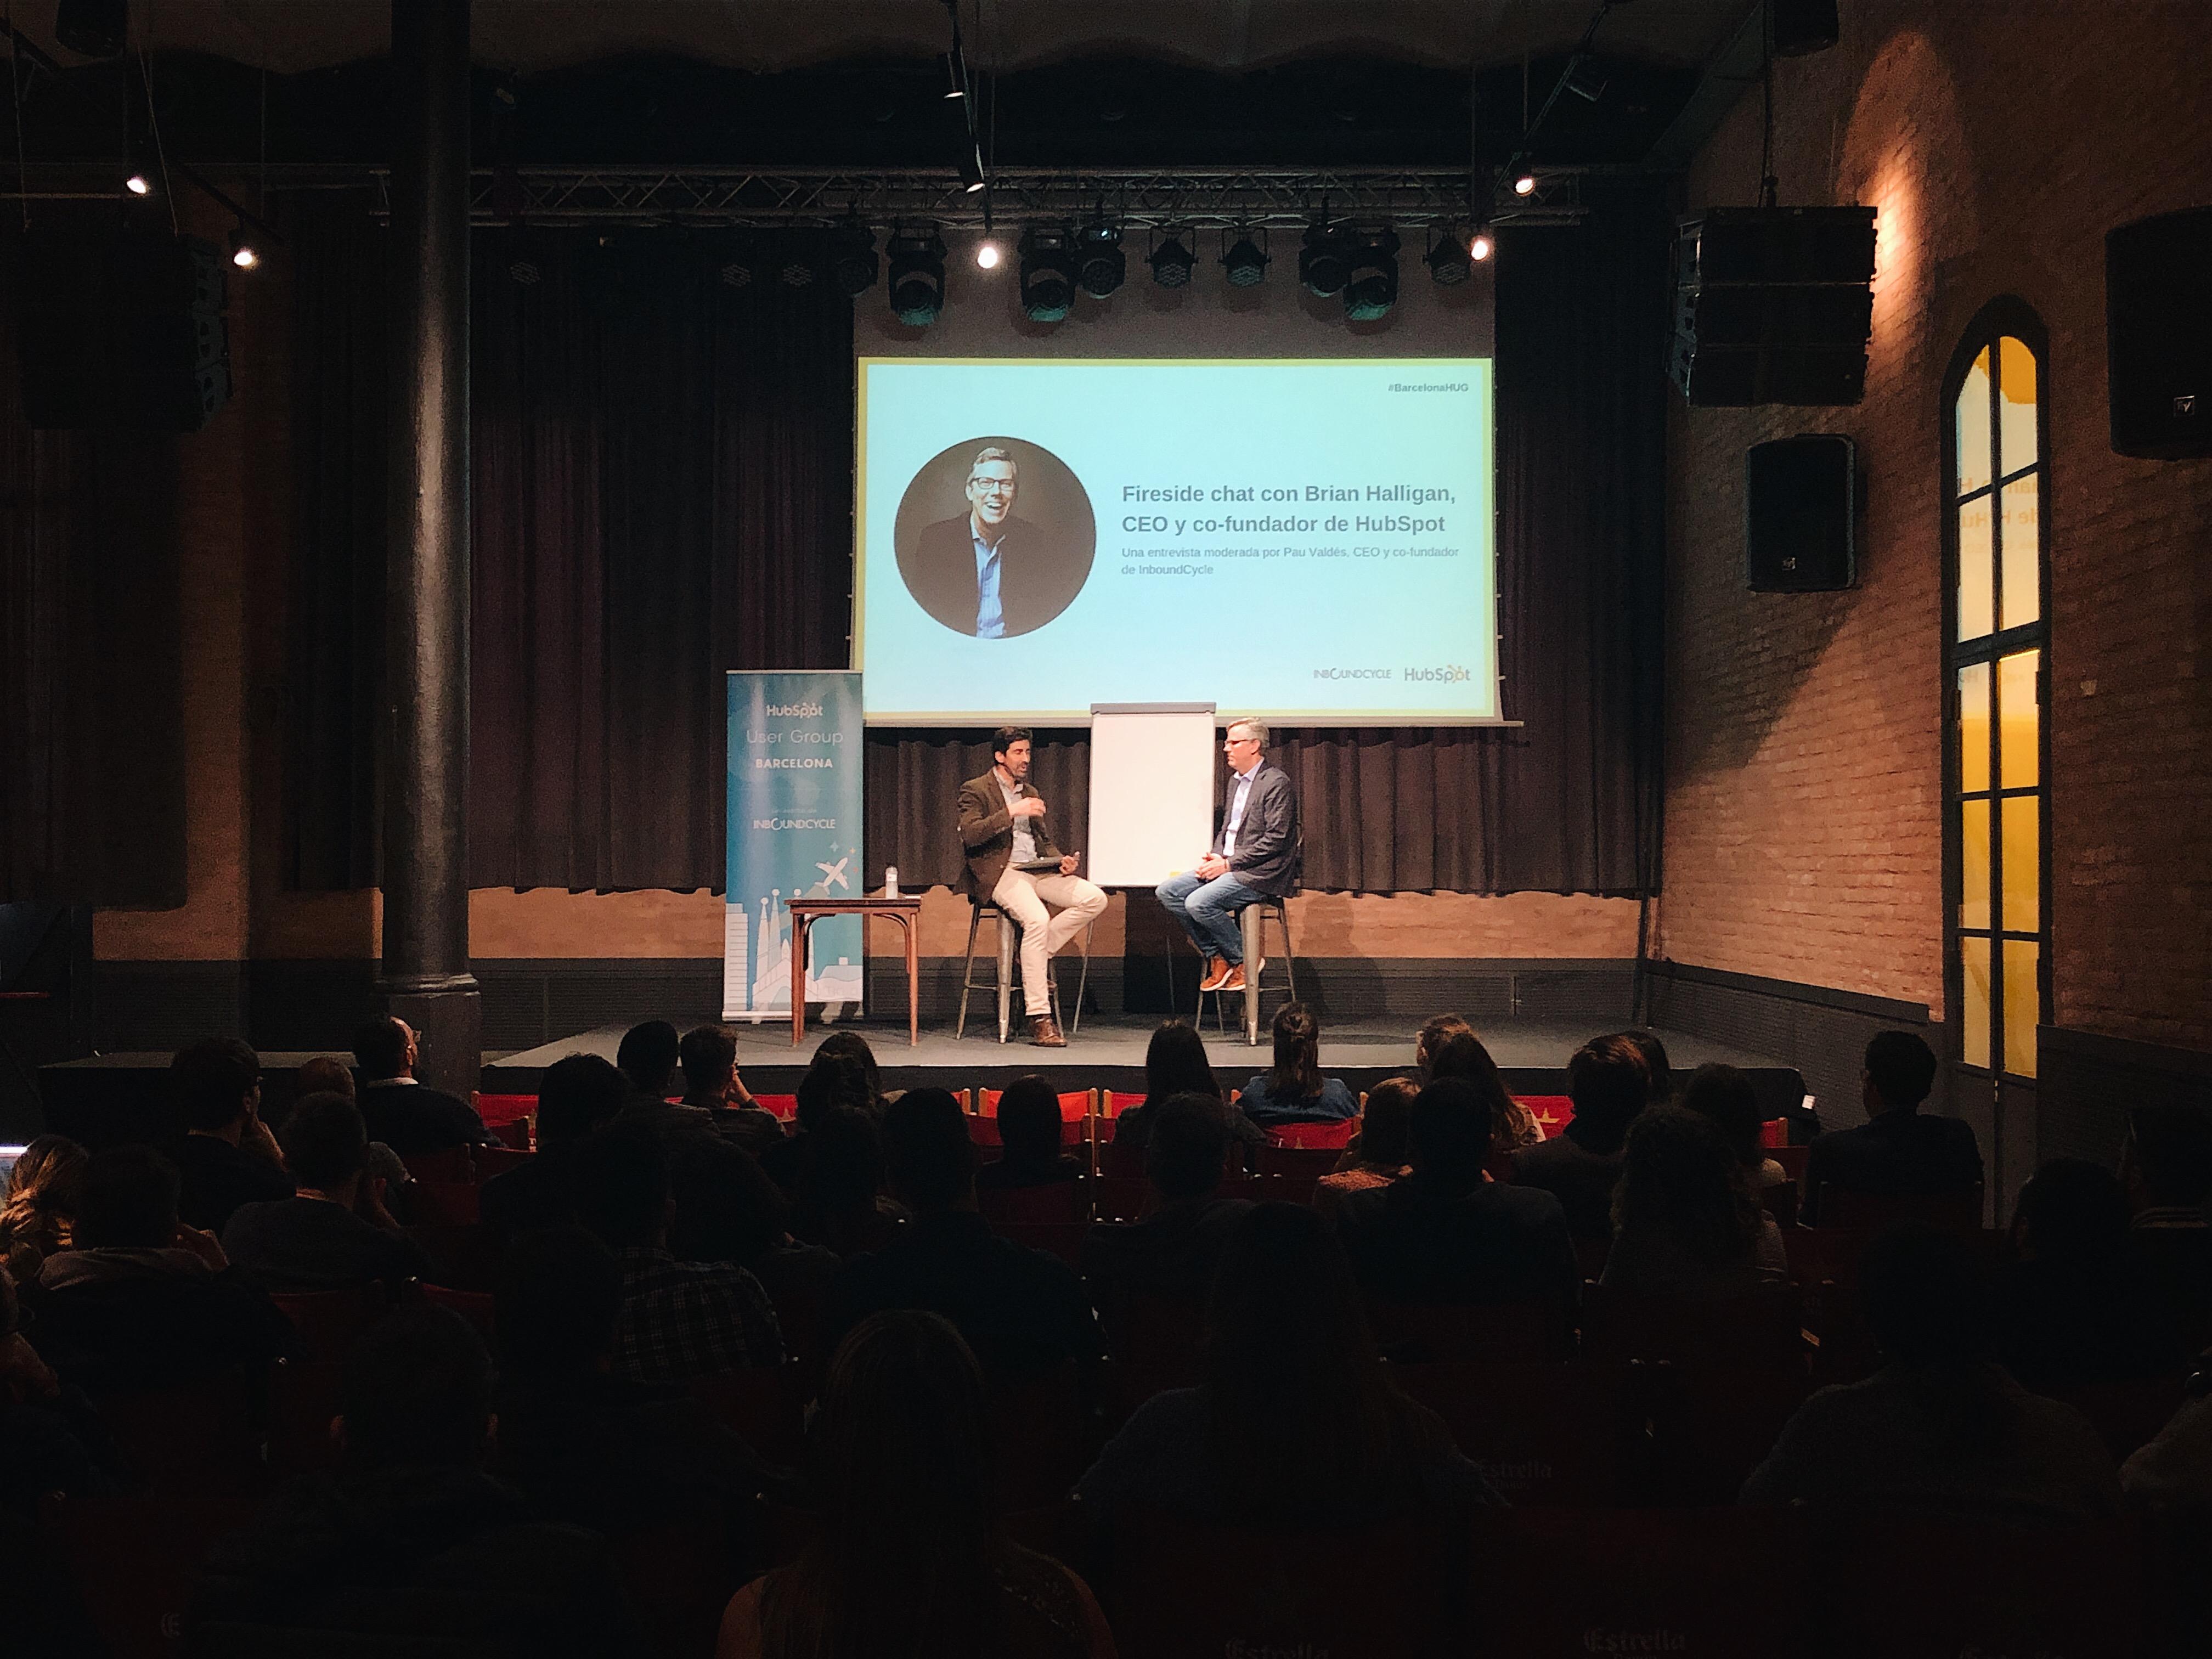 InboundCycle organiza una entrevista en exclusiva con Brian Halligan, CEO y co-fundador de HubSpot